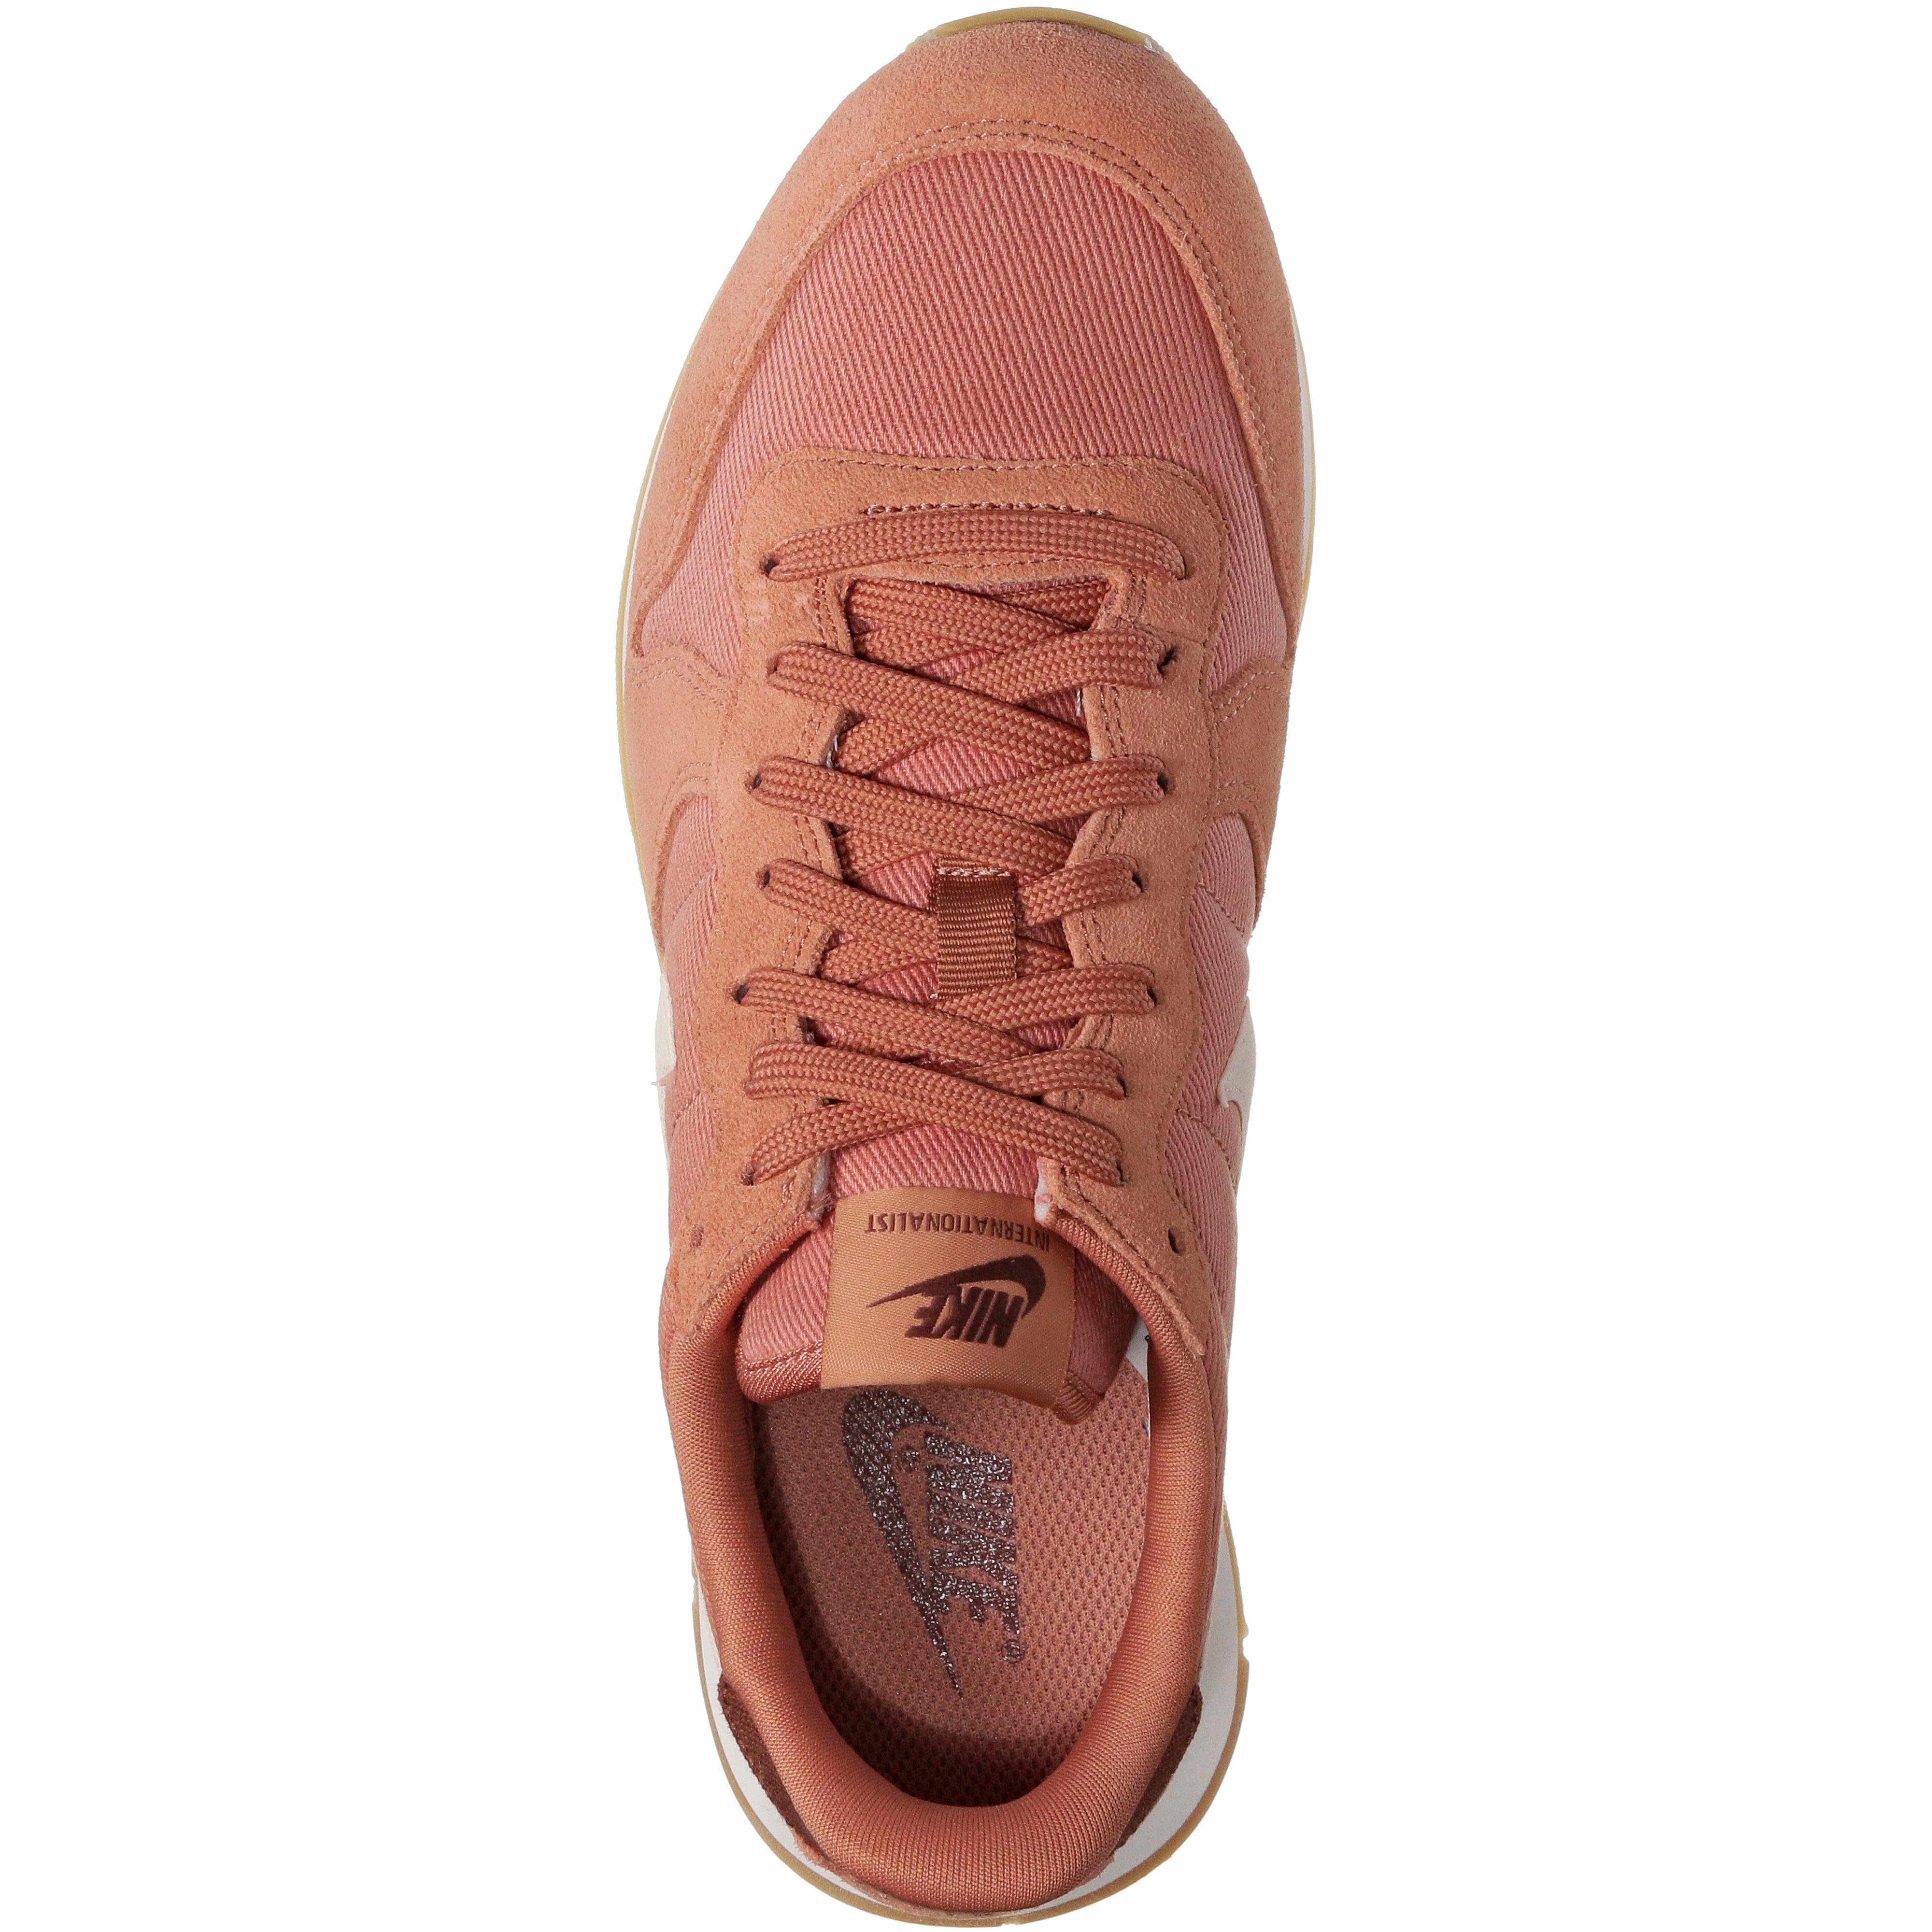 Damen Terra Nike Im Shop Internationalist Sneaker Online Summit Kaufen Guava Ice White Von Blush Sportscheck 2E9HWID